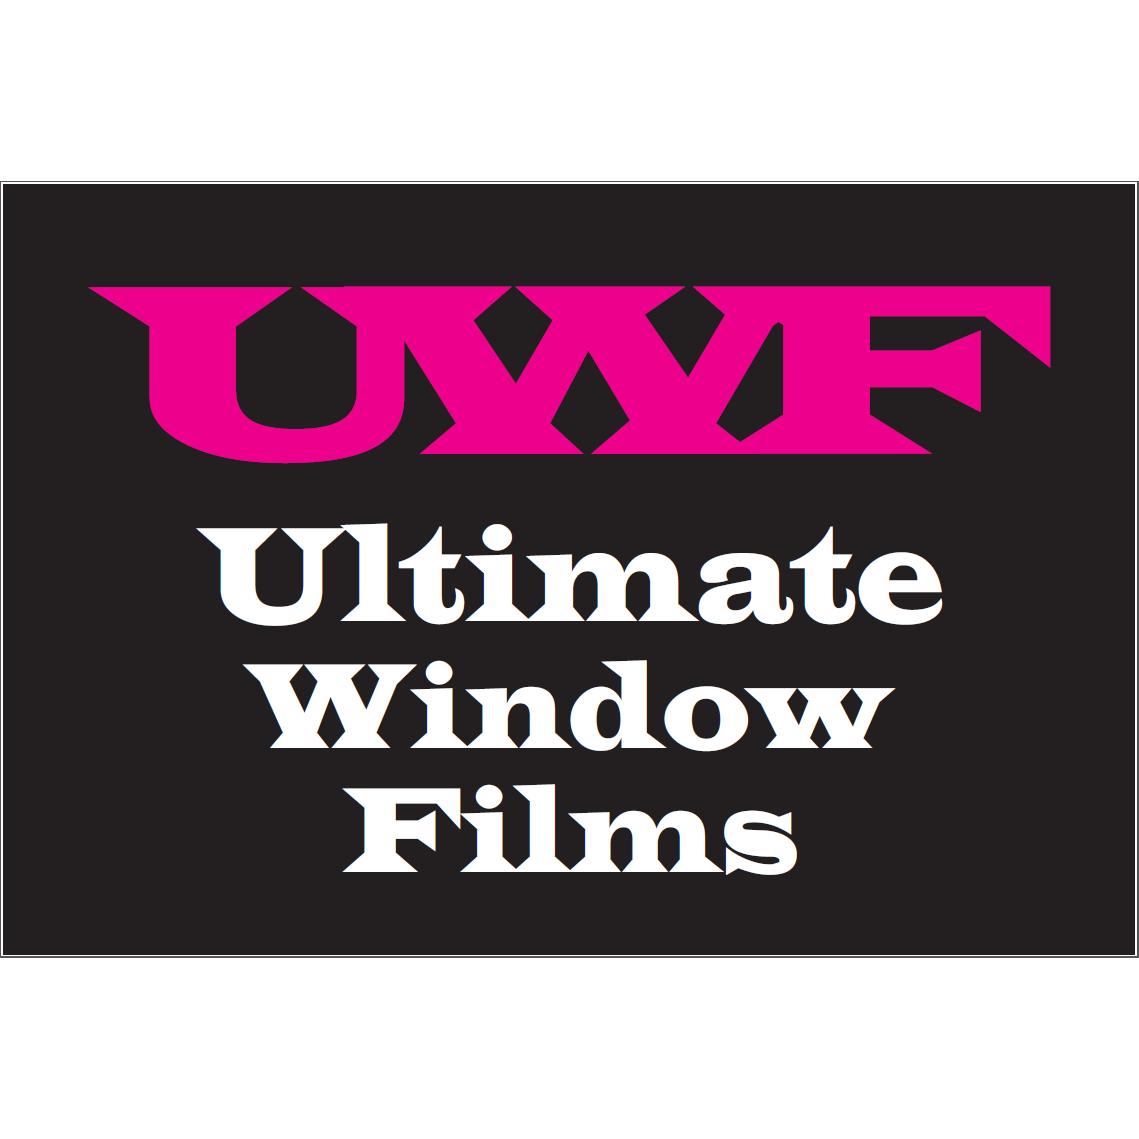 Ultimate Window Films